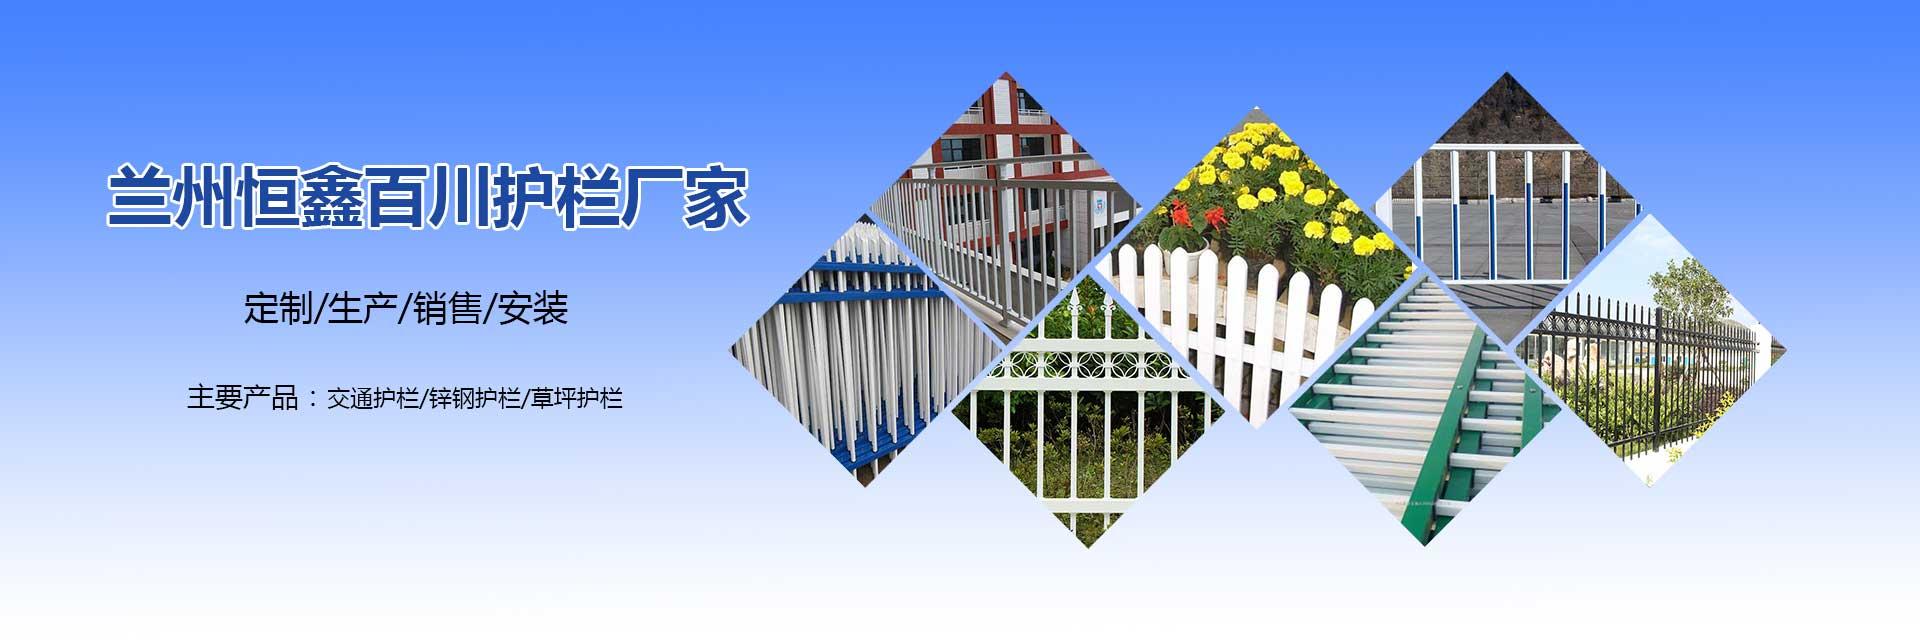 兰州恒鑫百川护栏厂家